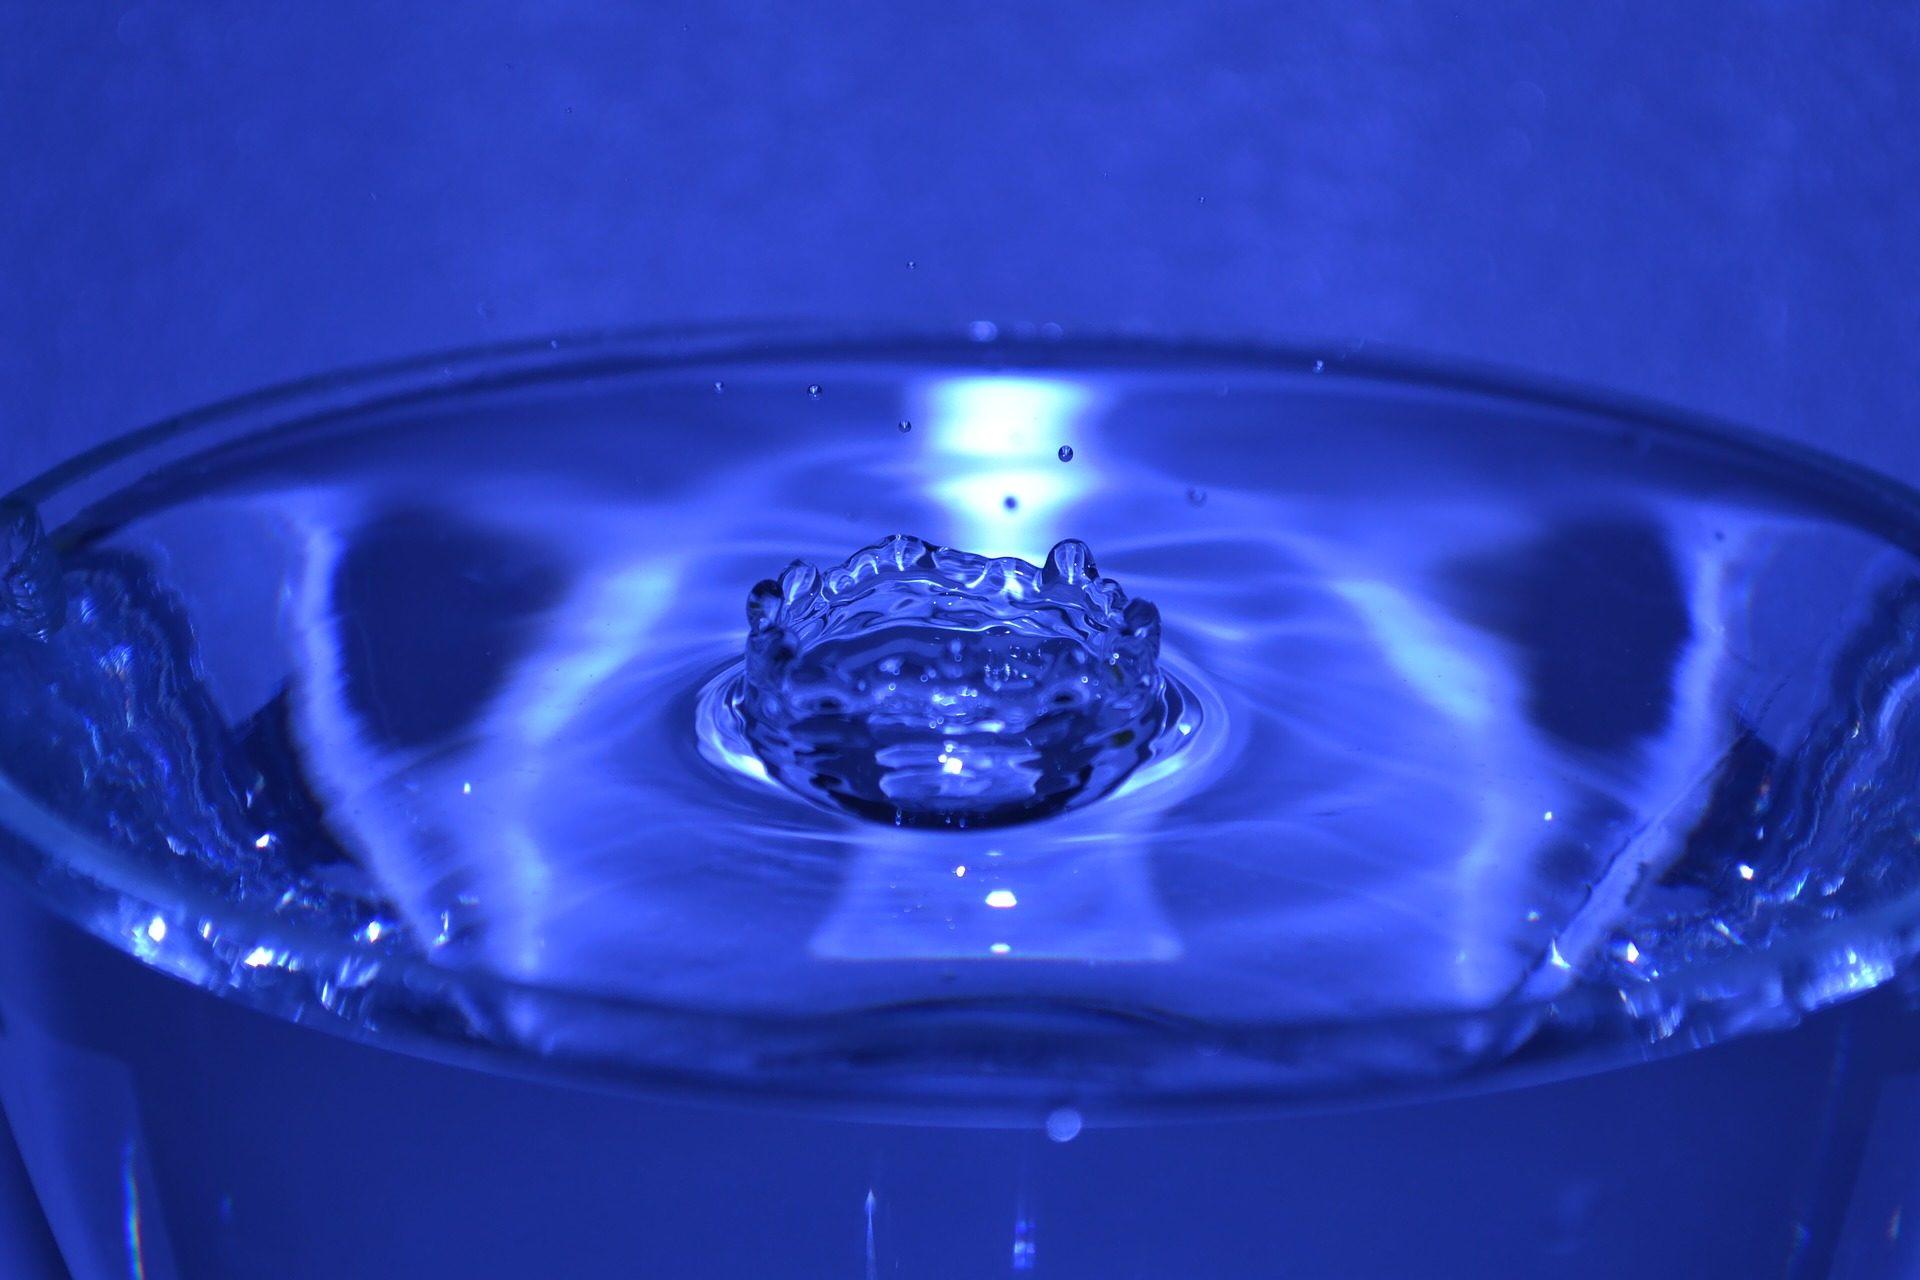 ड्रॉप, पानी, तरल, क्षेत्रों, के बारे में - HD वॉलपेपर - प्रोफेसर-falken.com